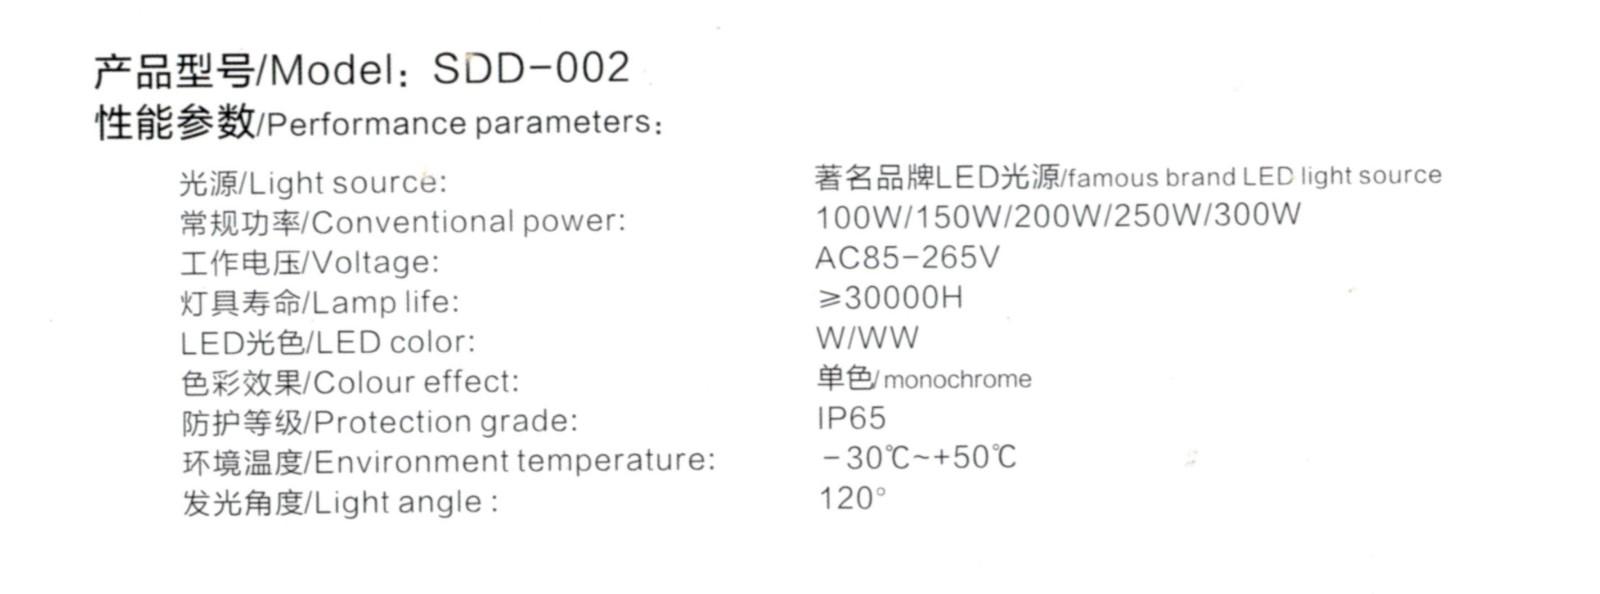 LED隧道灯Model∶SDD-002参数.jpg